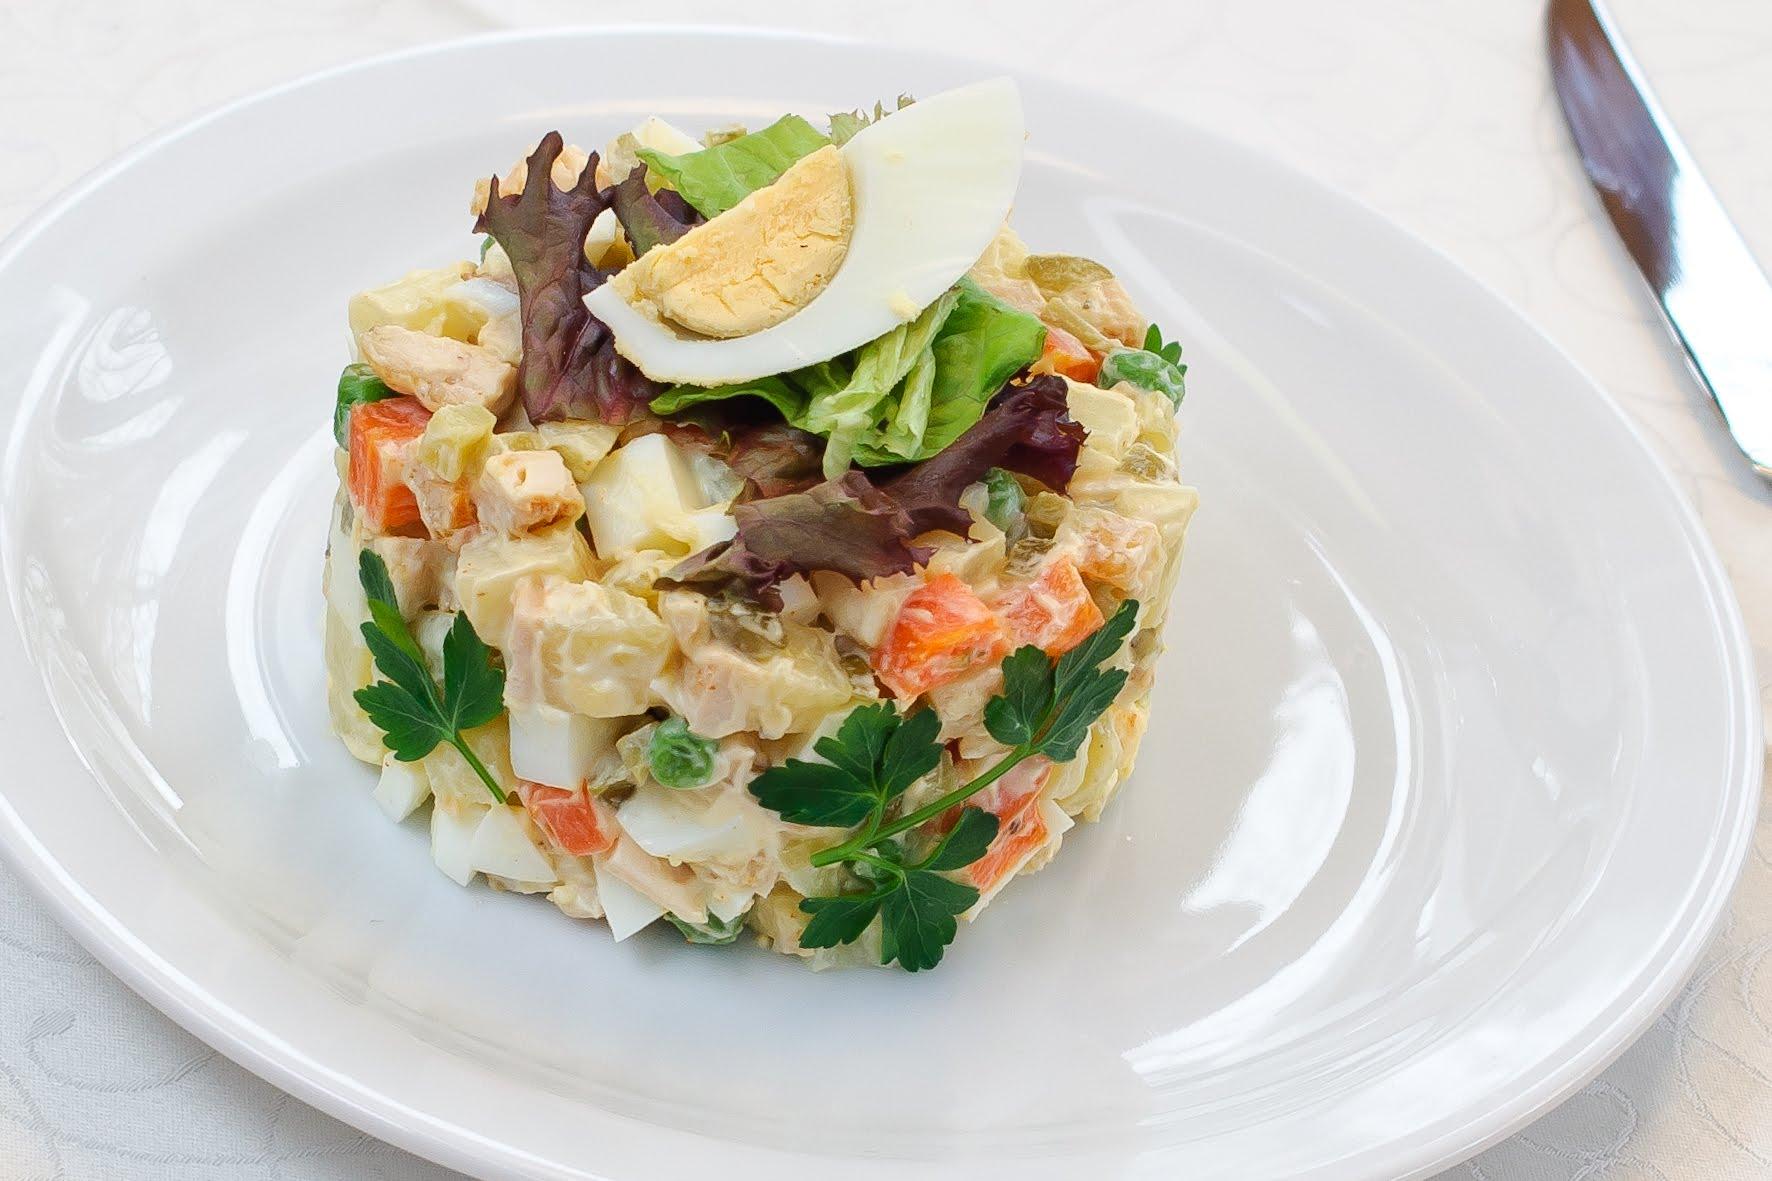 салат оливье рецепт с фото классический